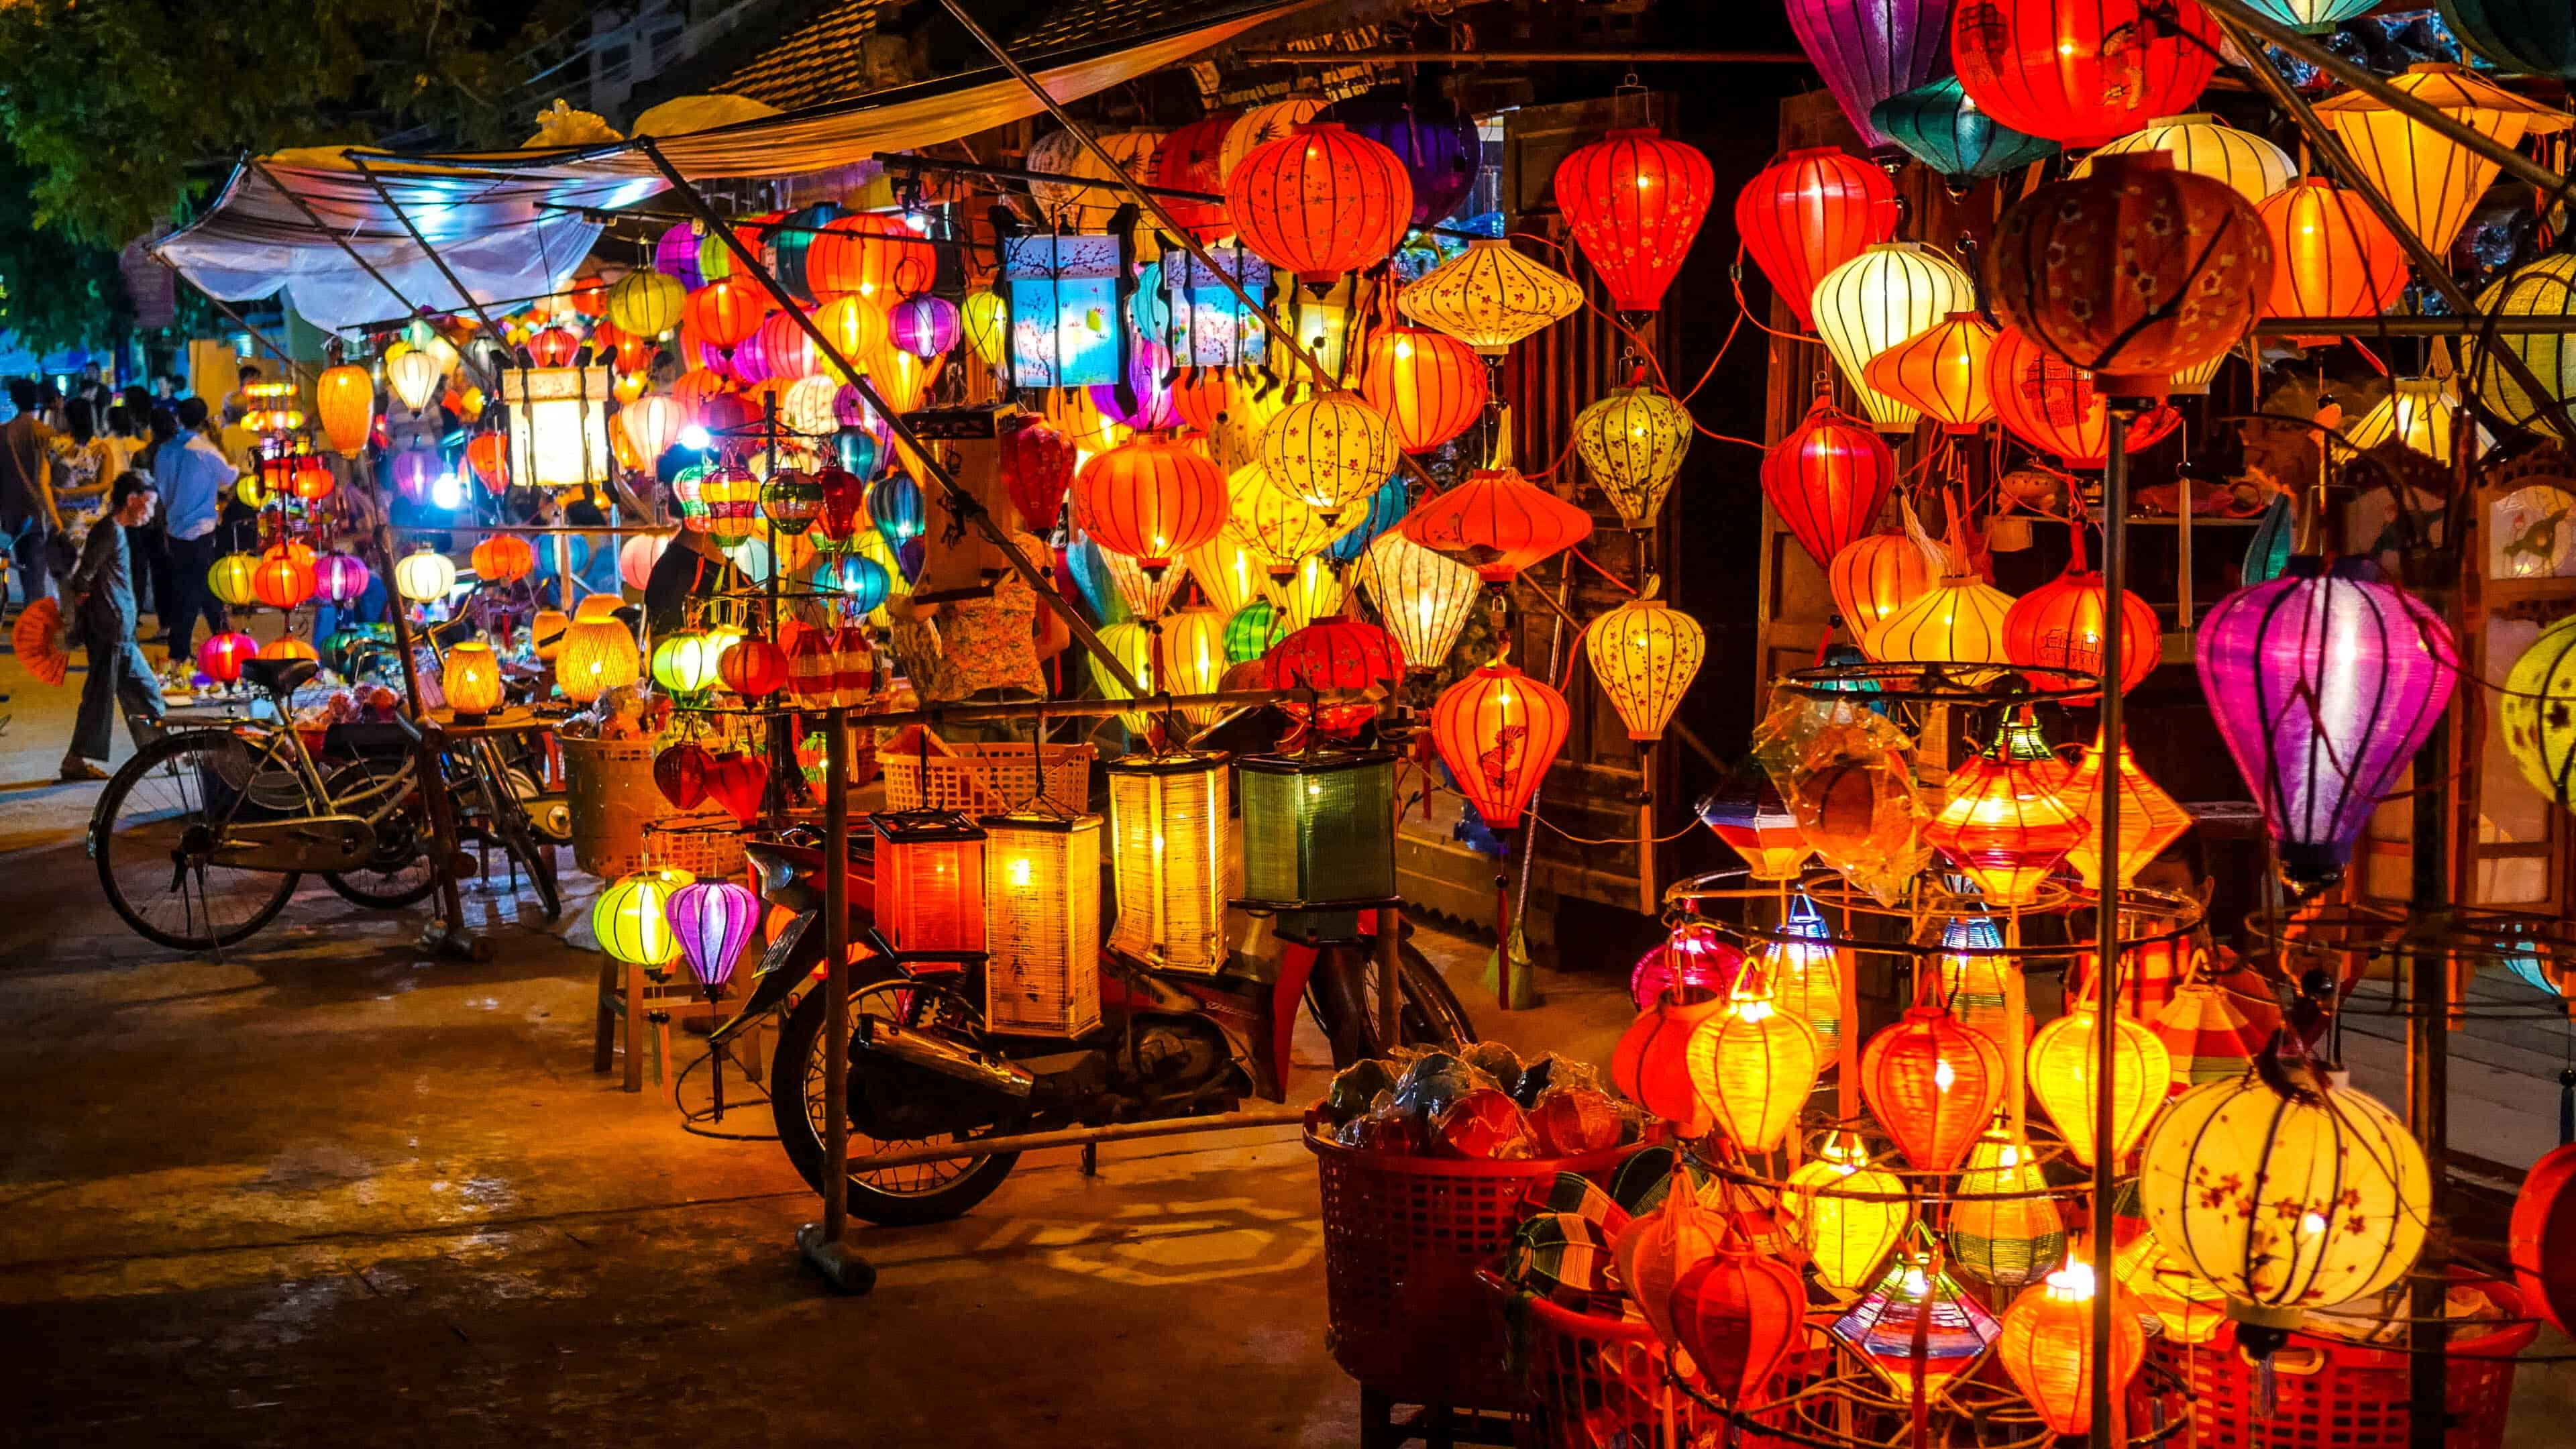 Na foto, vemos uma fileira de barracas cheias de lanternas iluminadas